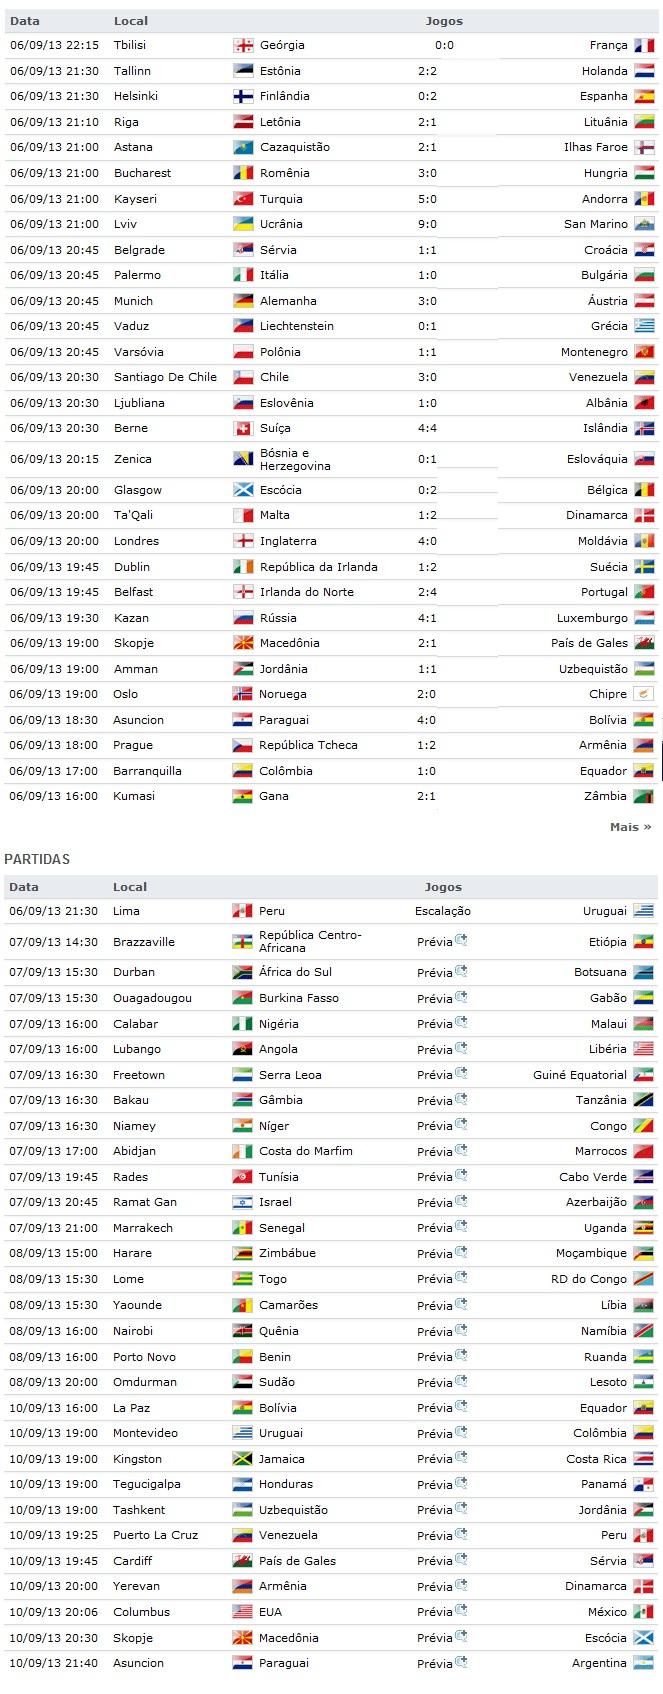 Resultados e jogos copa FIFA 2014